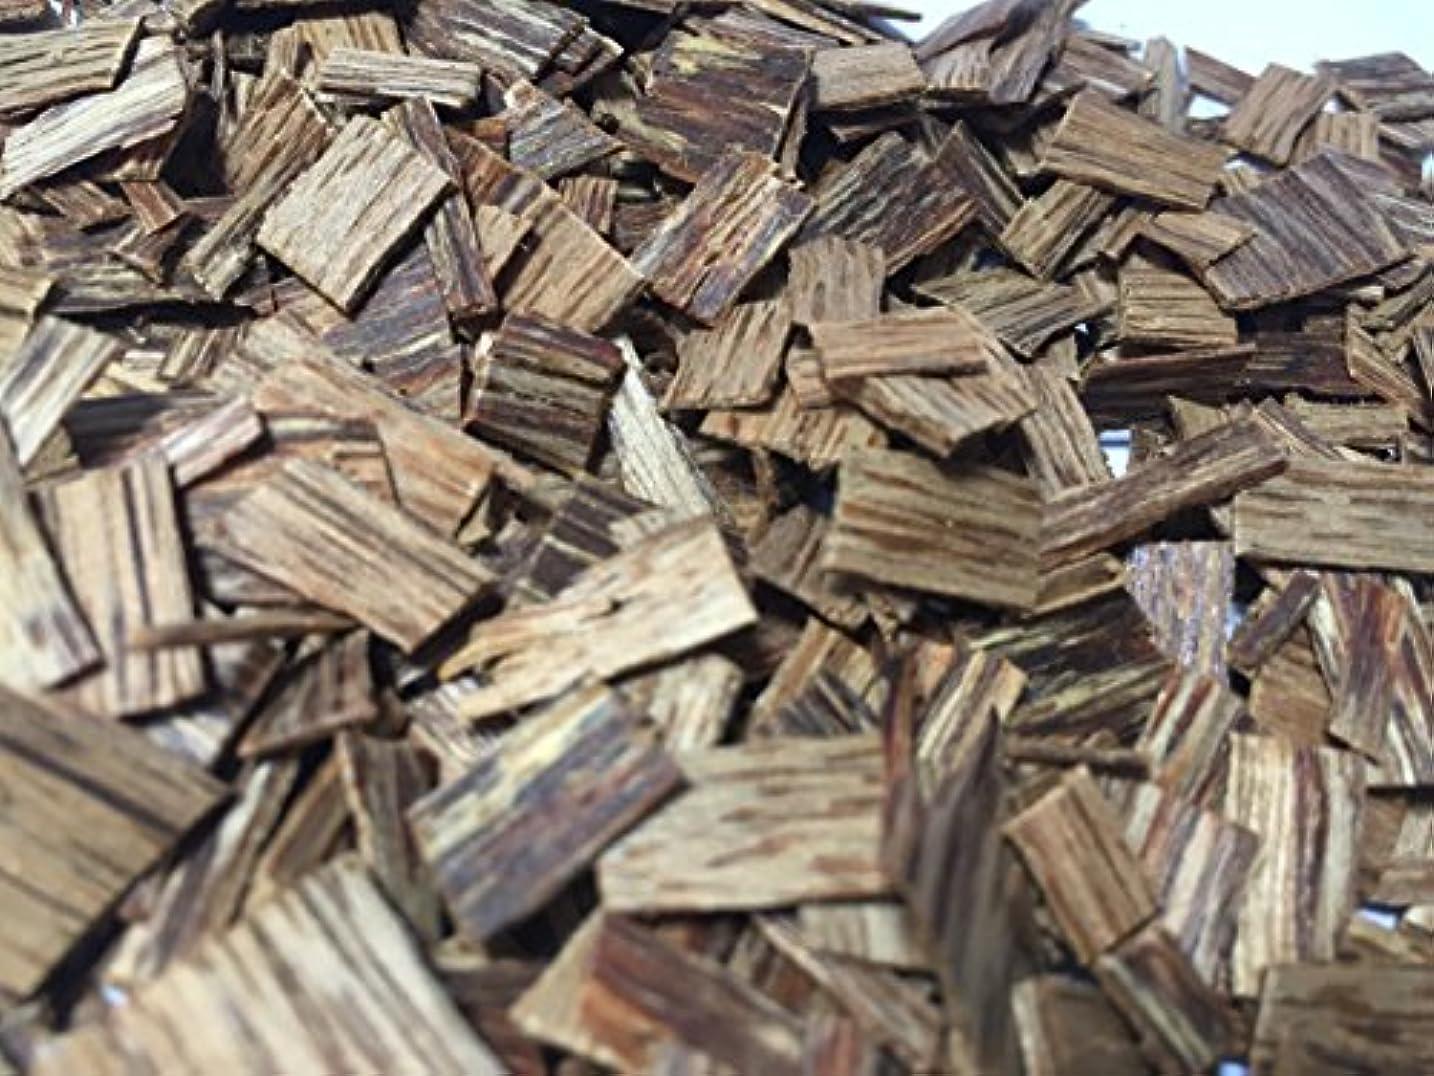 破裂国籍贅沢oudwoodvietnam. Com元Natural Wild Agarwood OudチップGrade A + | 5 kgお香アロマ